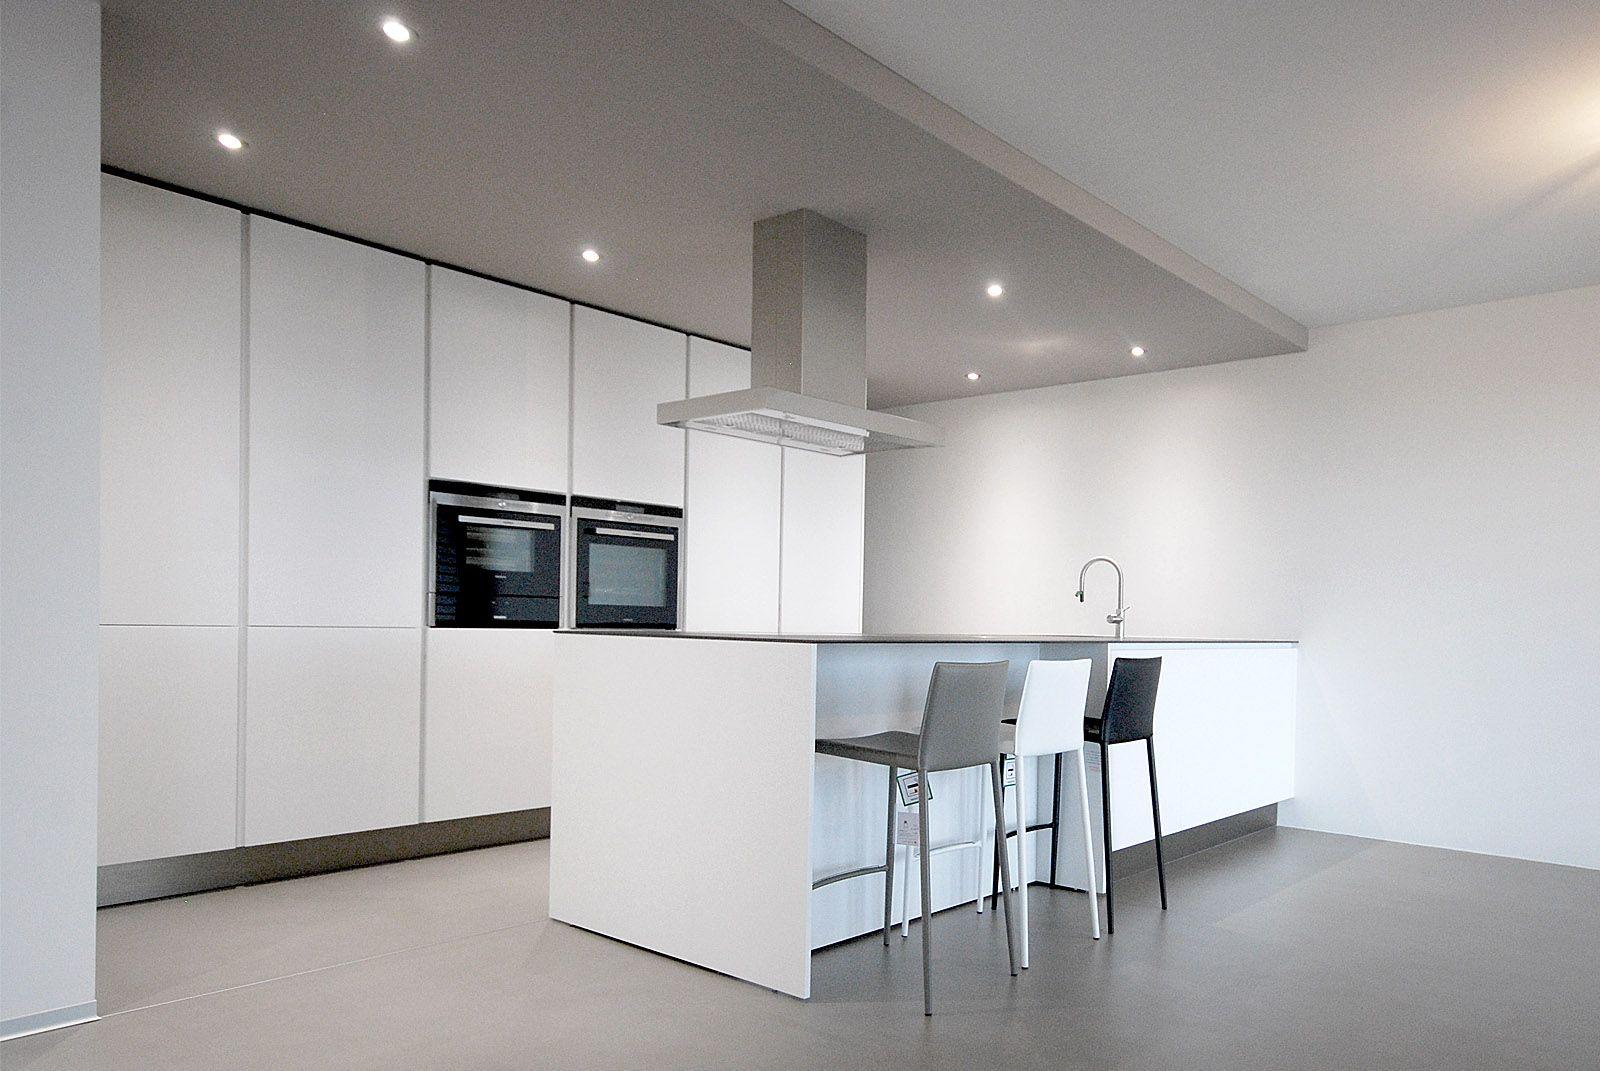 Progetto Cucina Varenna Poliform Cucina moderna di design laccata opaca con piano in ceramica